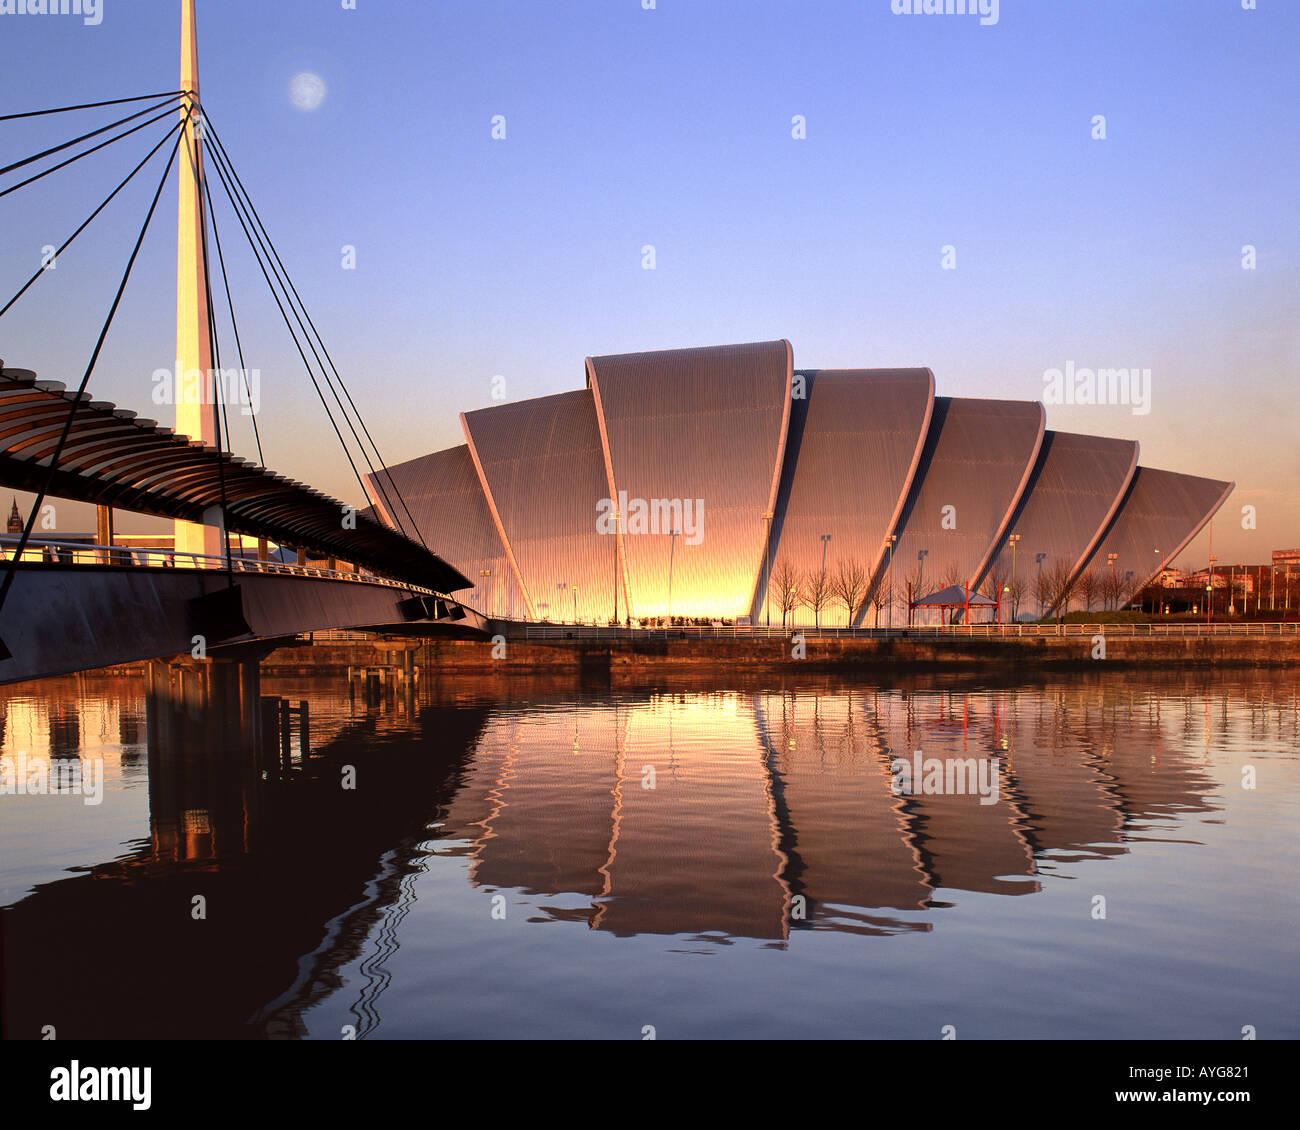 GB - Scozia: Scottish Exhibition and Conference Centre in Glasgow Immagini Stock